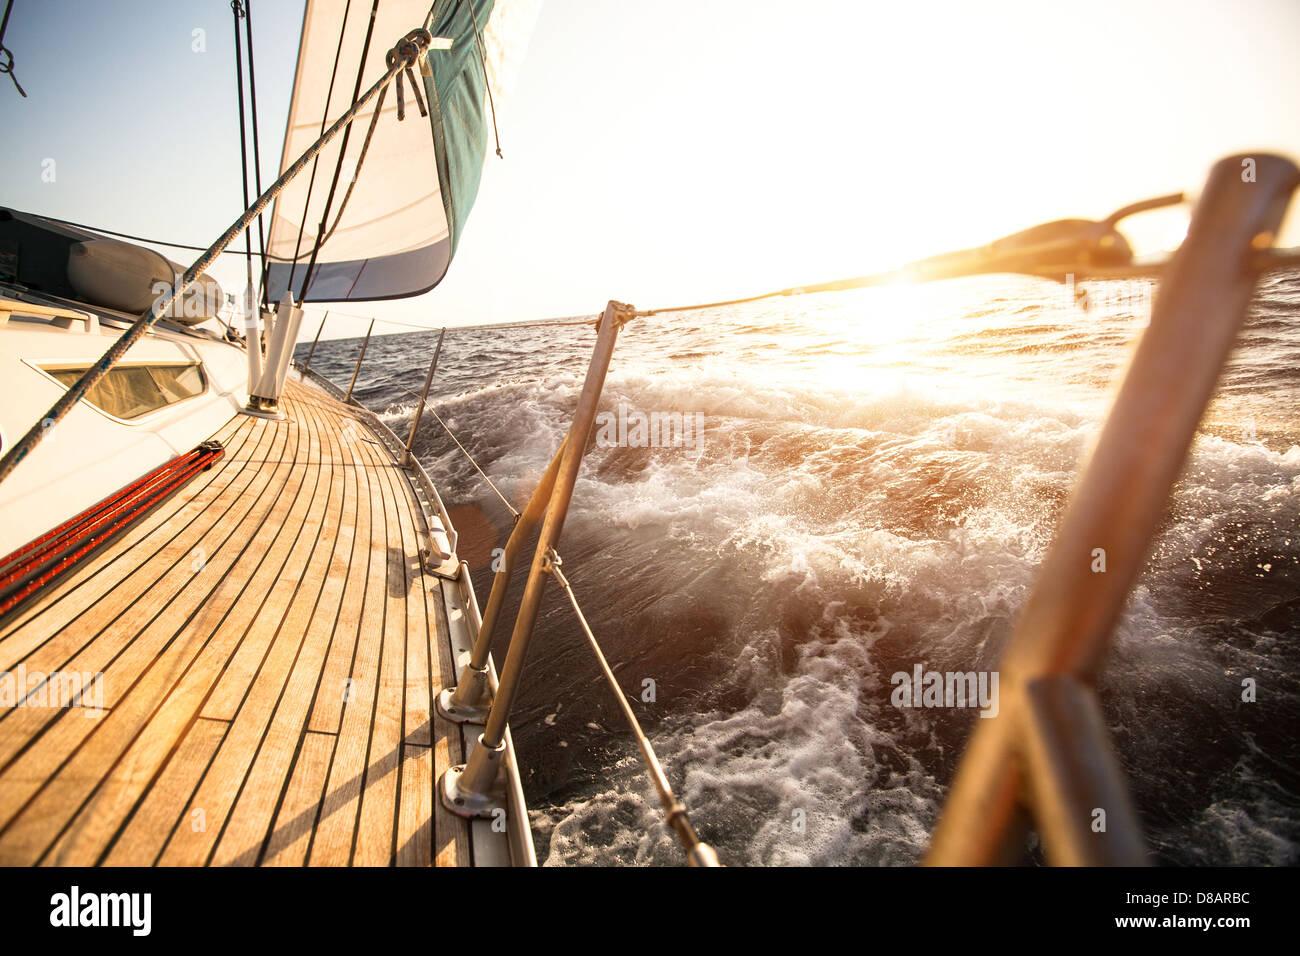 Regata a vela nel mare Egeo Immagini Stock